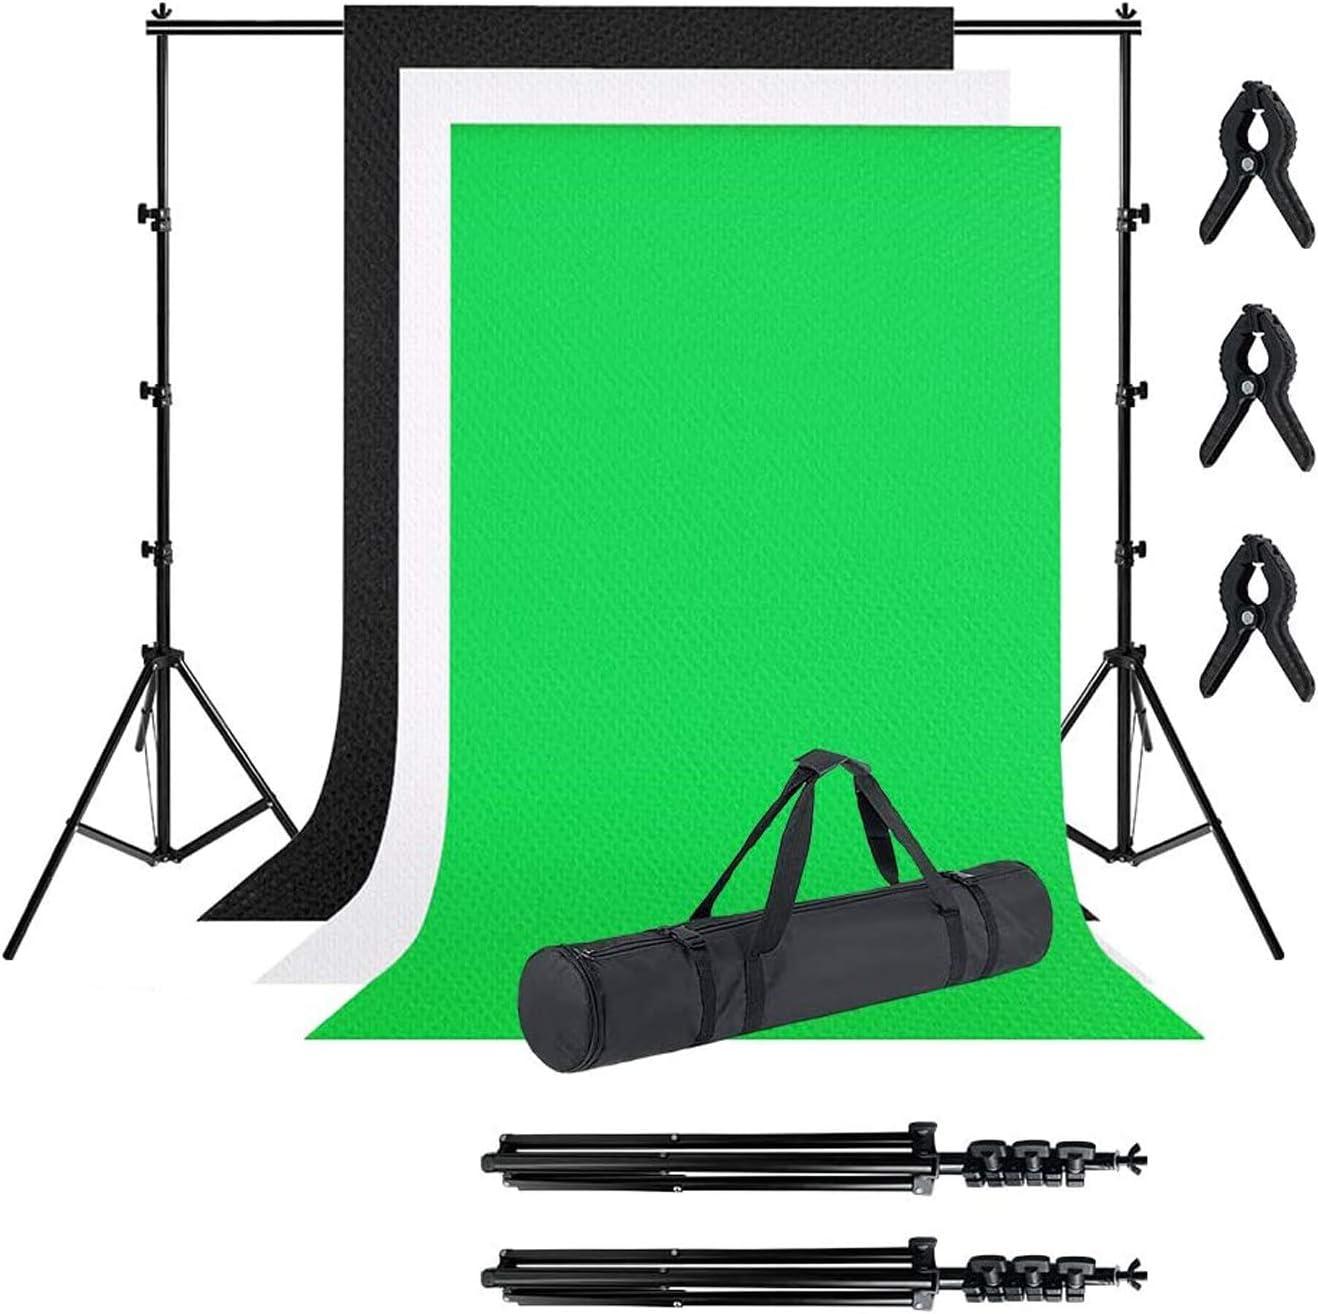 Lzq Professionelles Fotostudio Set 1 8 X 2 8m Mit Kamera